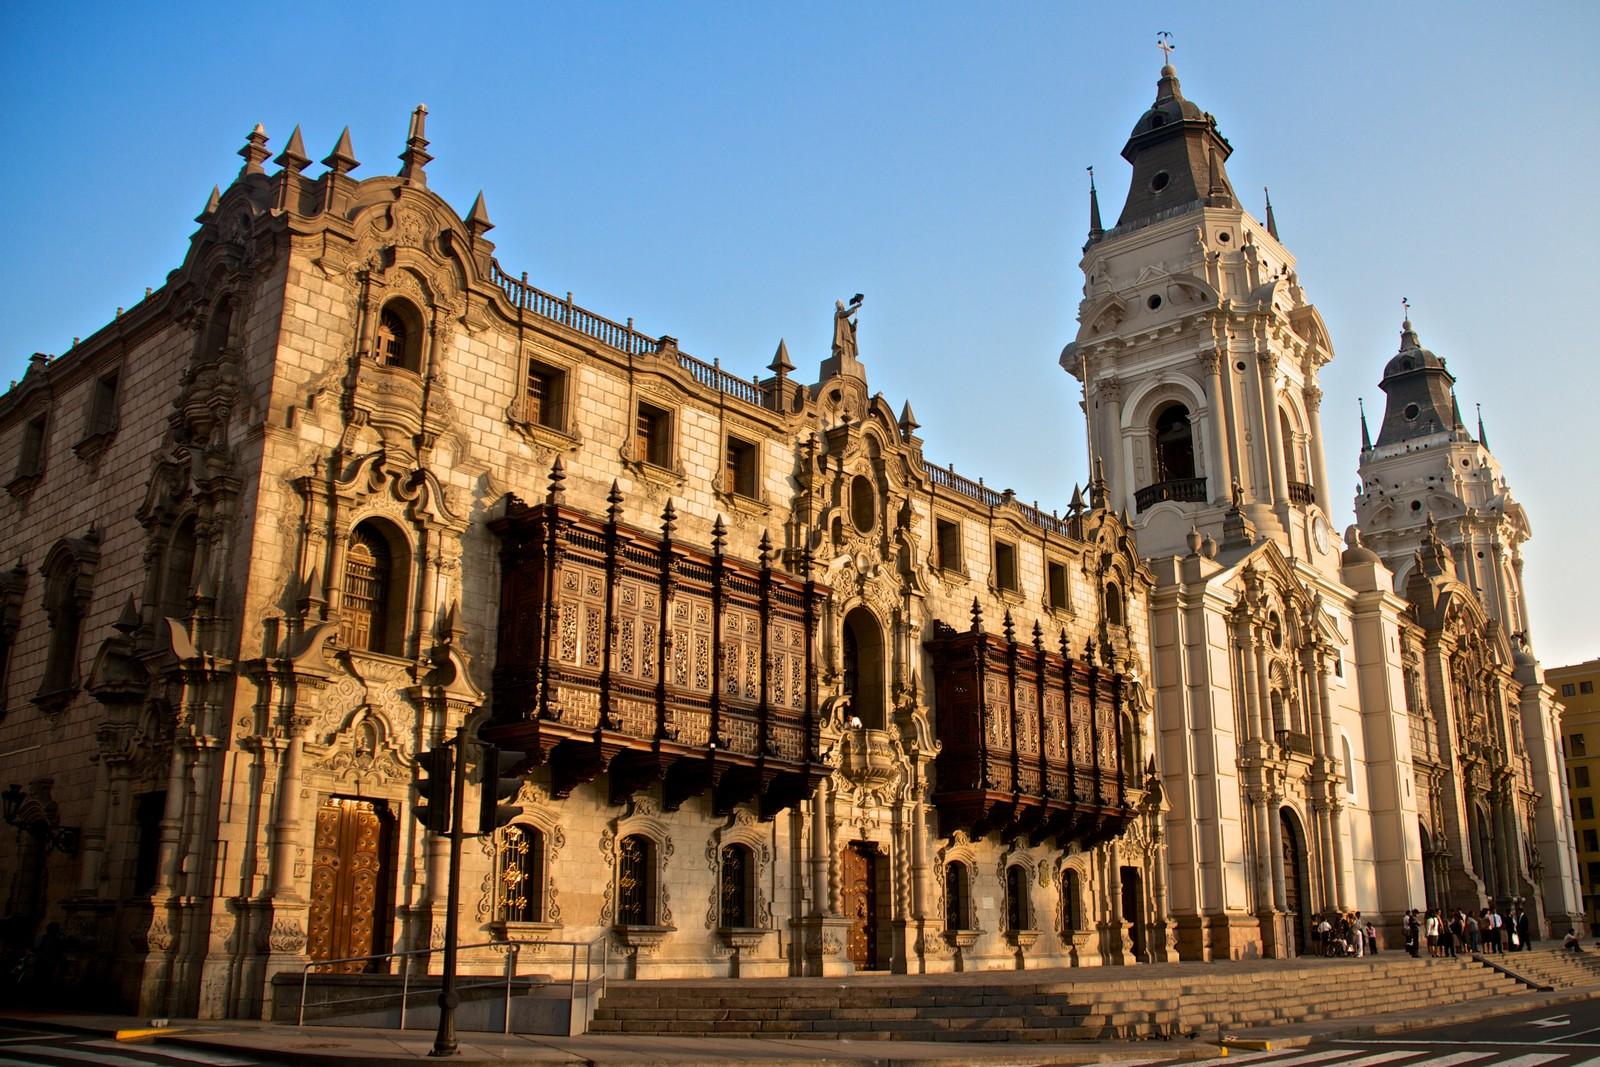 Nuestra Señora del Milagro de Lima realizó un Prodigio en Terremoto, Perú (27 nov, 19 jul)